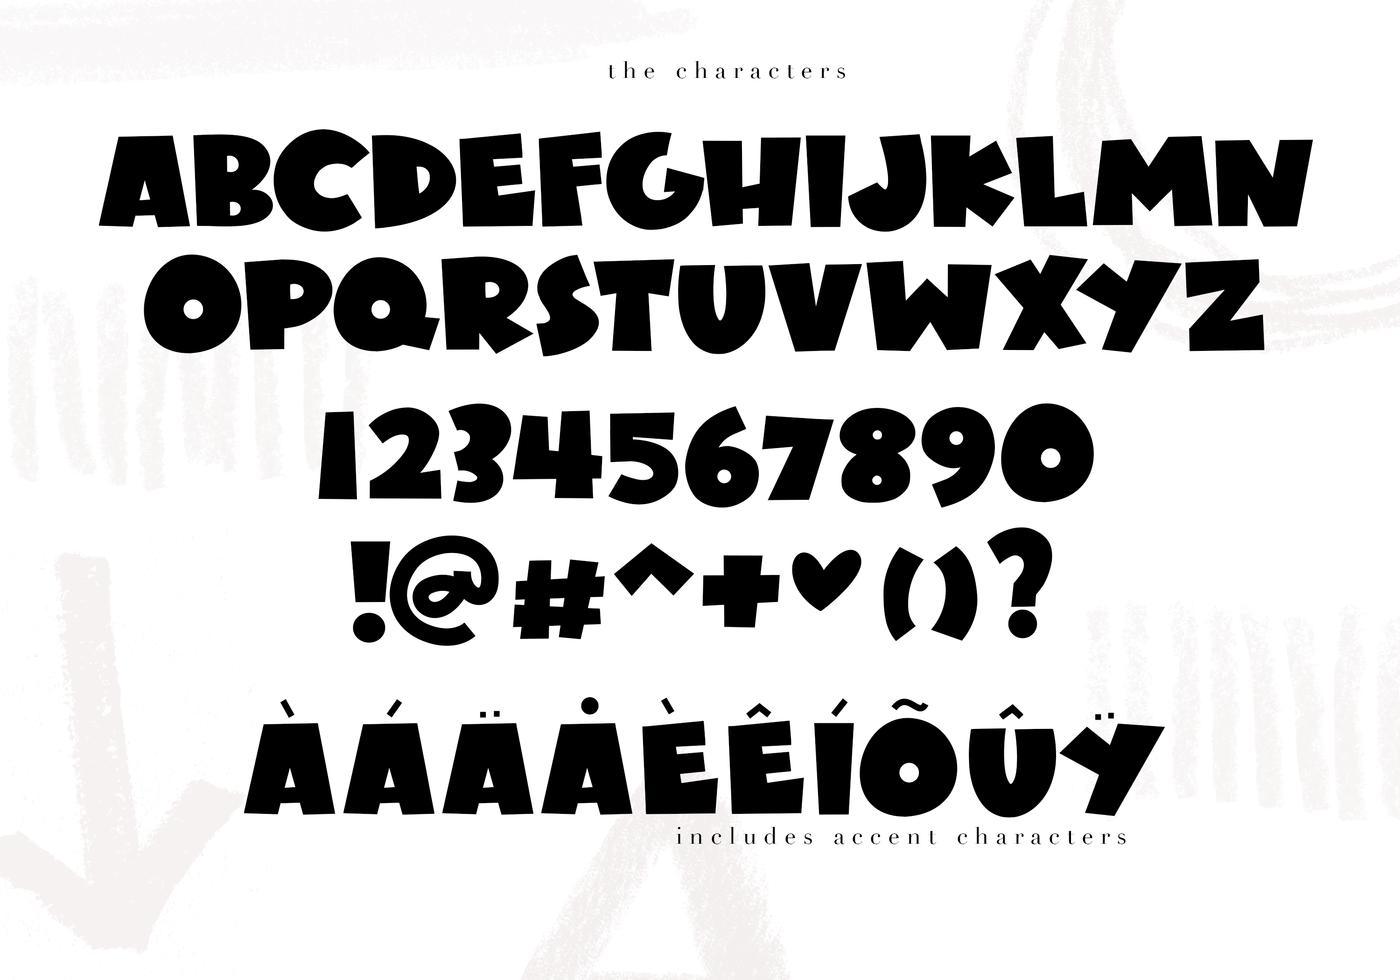 ori 3499491 d9148e0e4143742272b86bc4401b17e90d936a8d pink a bold handwritten font